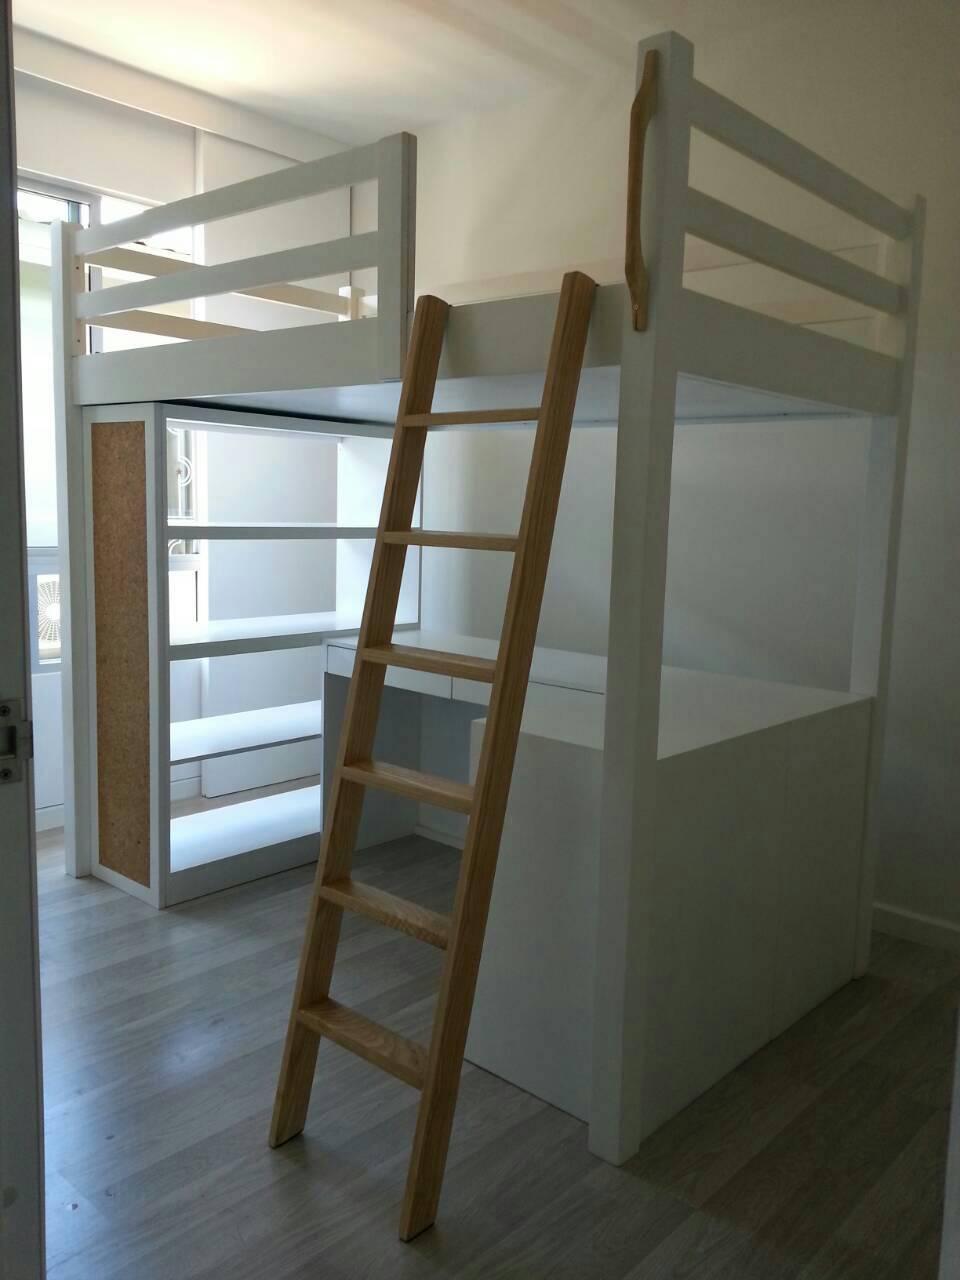 เตียงเดี่ยว แบบยกสูง ชั้นล่างเป็นชั้นวางของ และโต๊ะเขียนหนังสือ